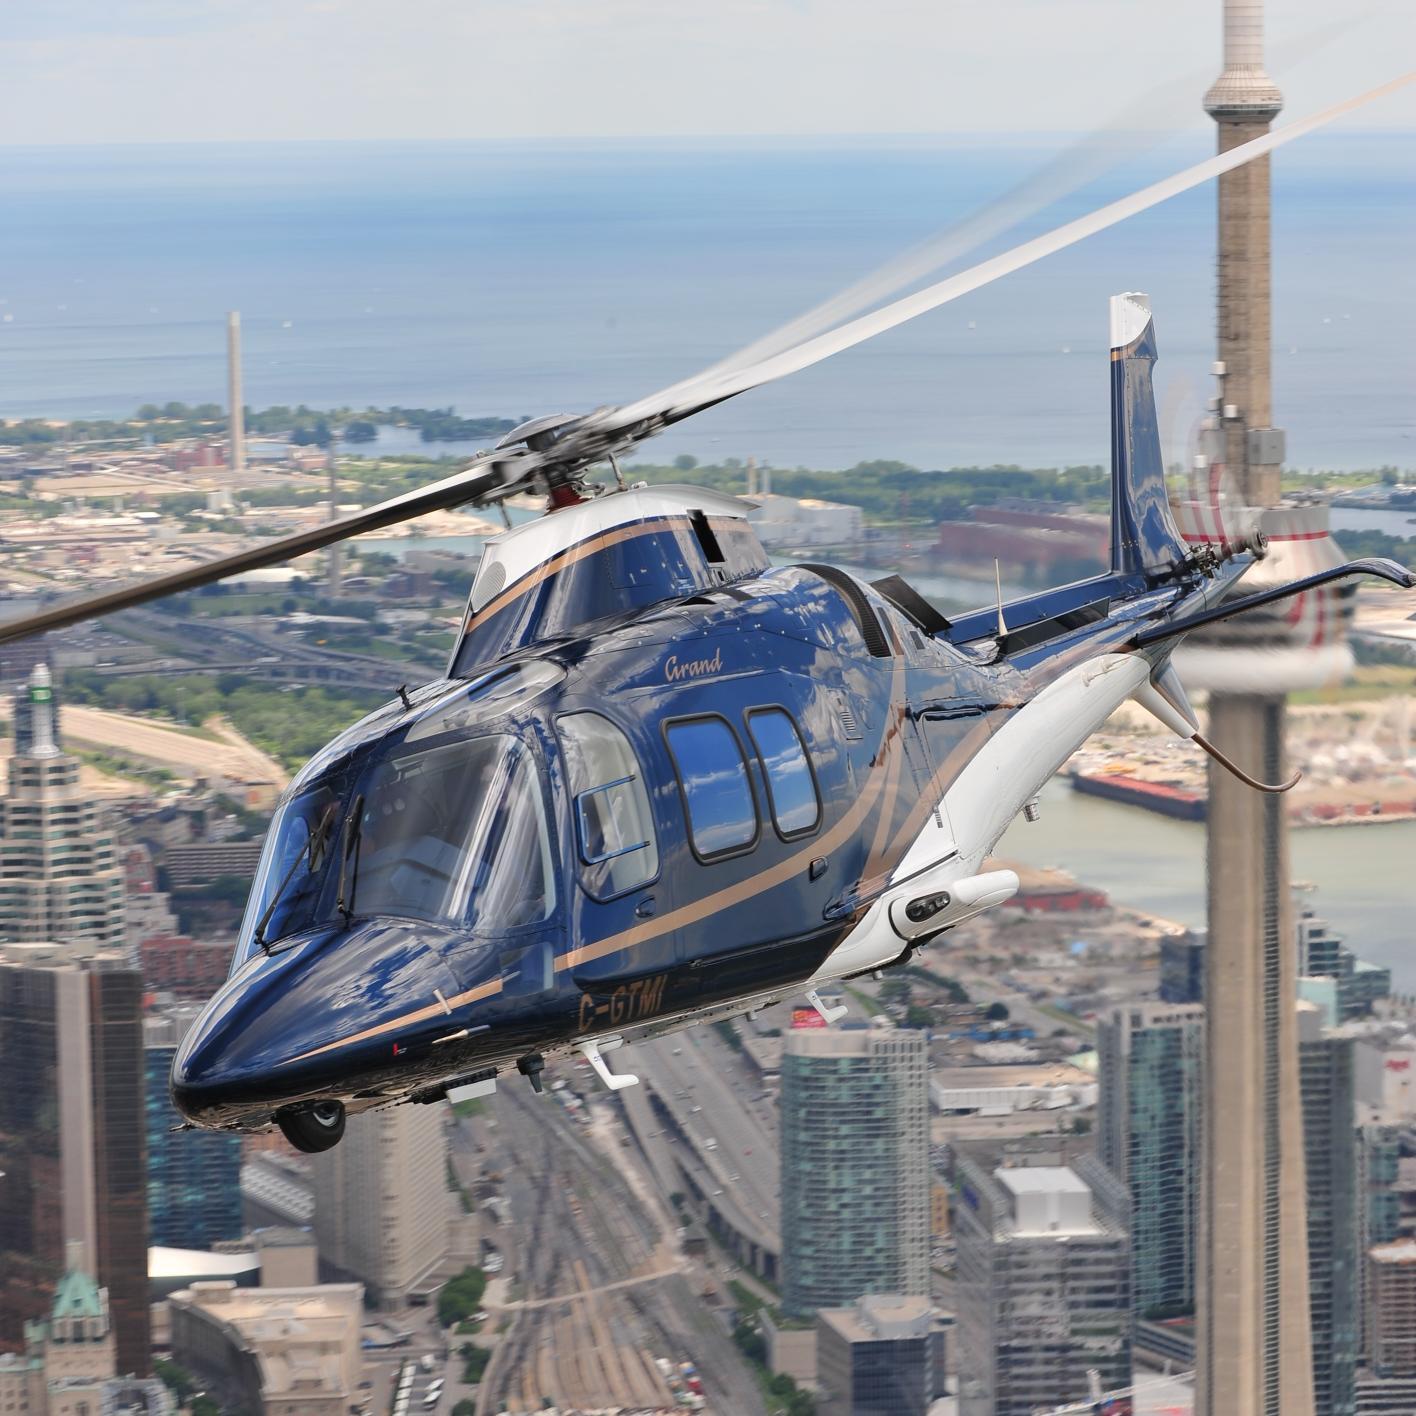 Elicottero R22 : Tucci giorgini labriola decollo elicottero r youtube